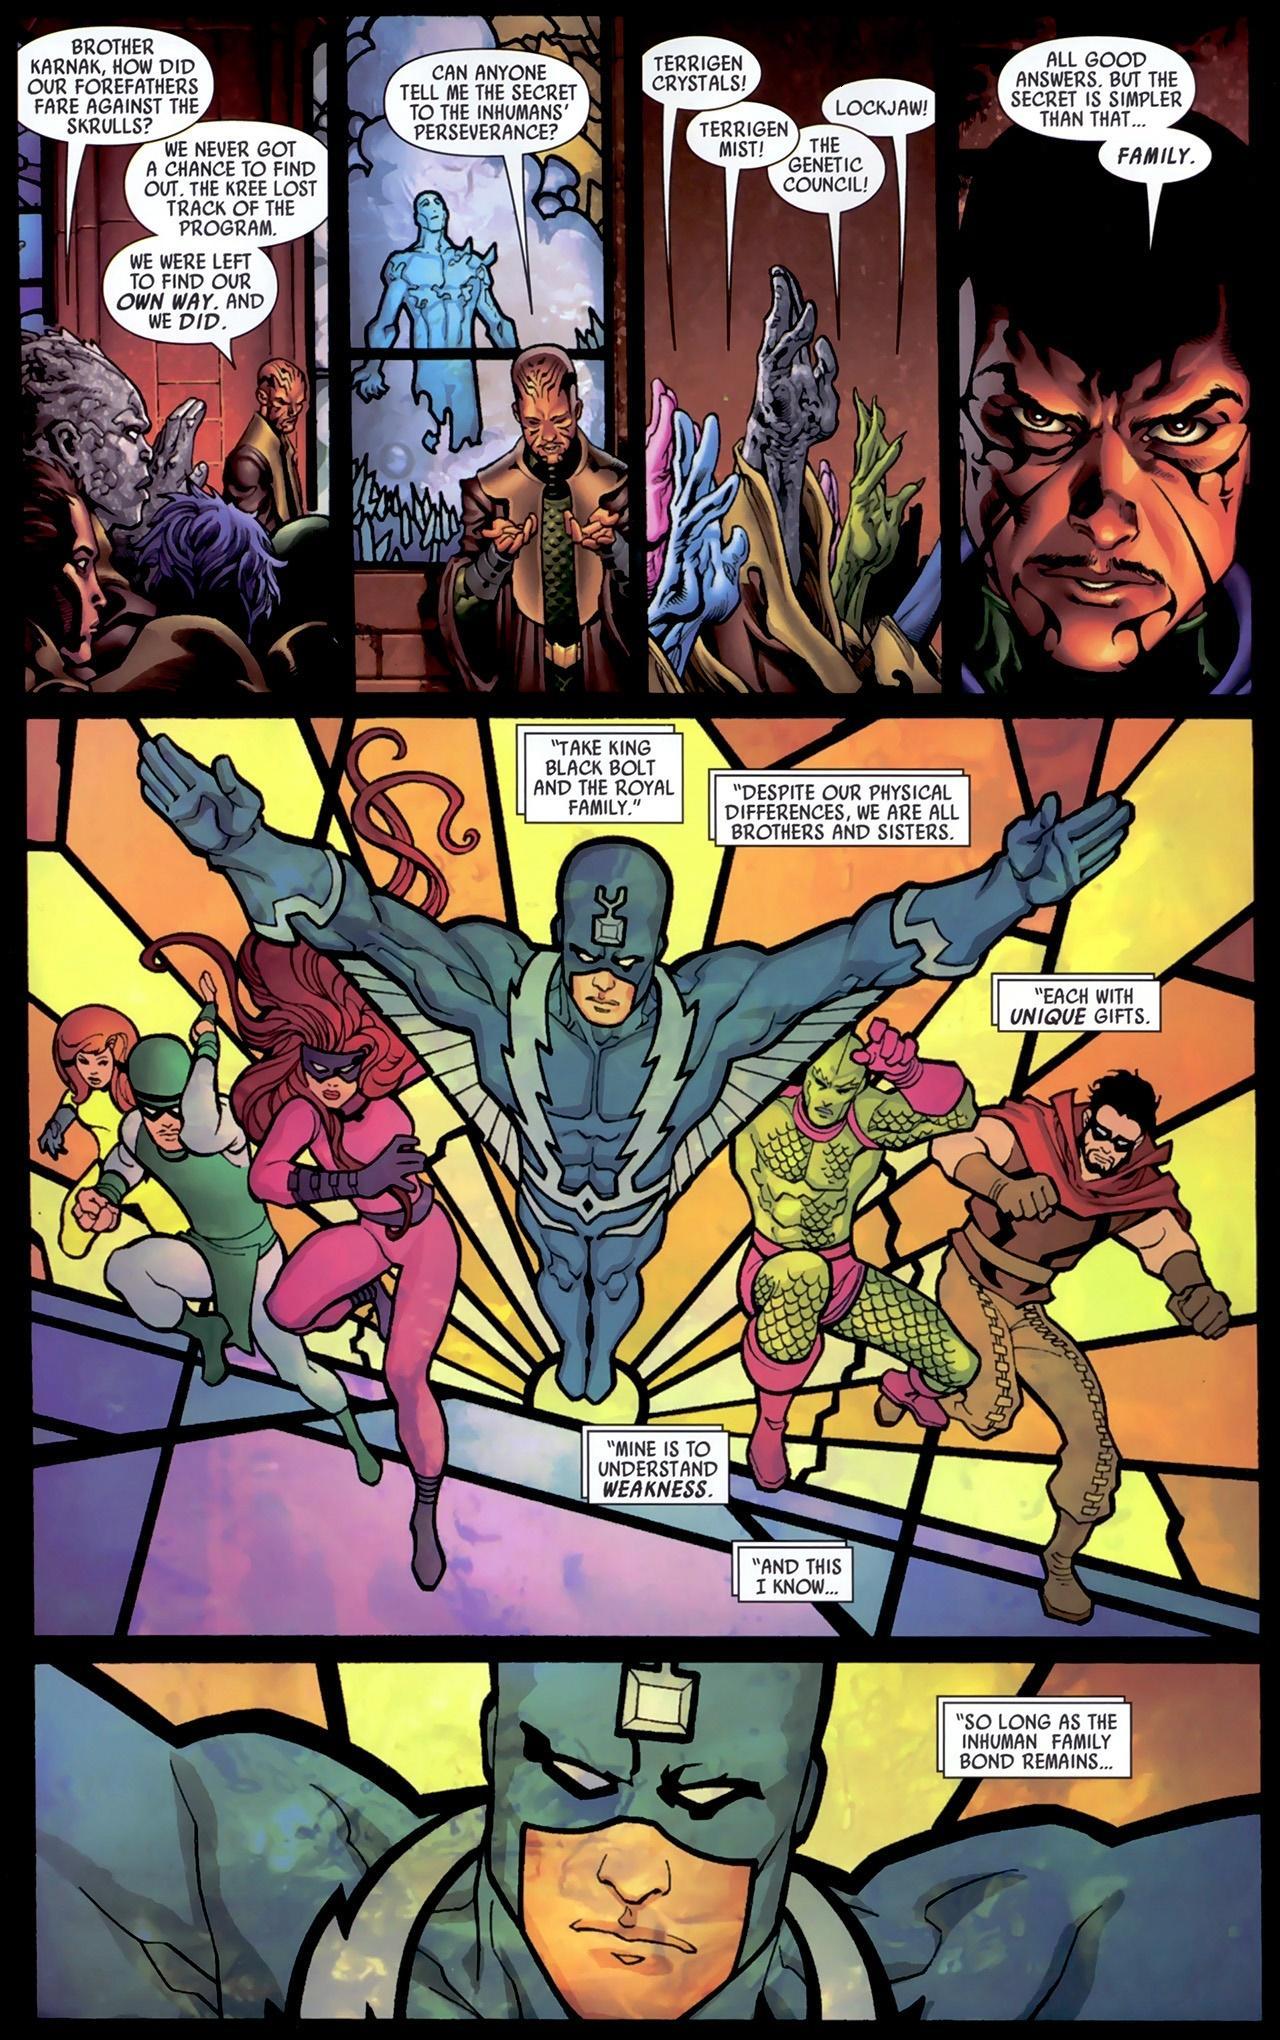 Inhumans Secret Invasion review